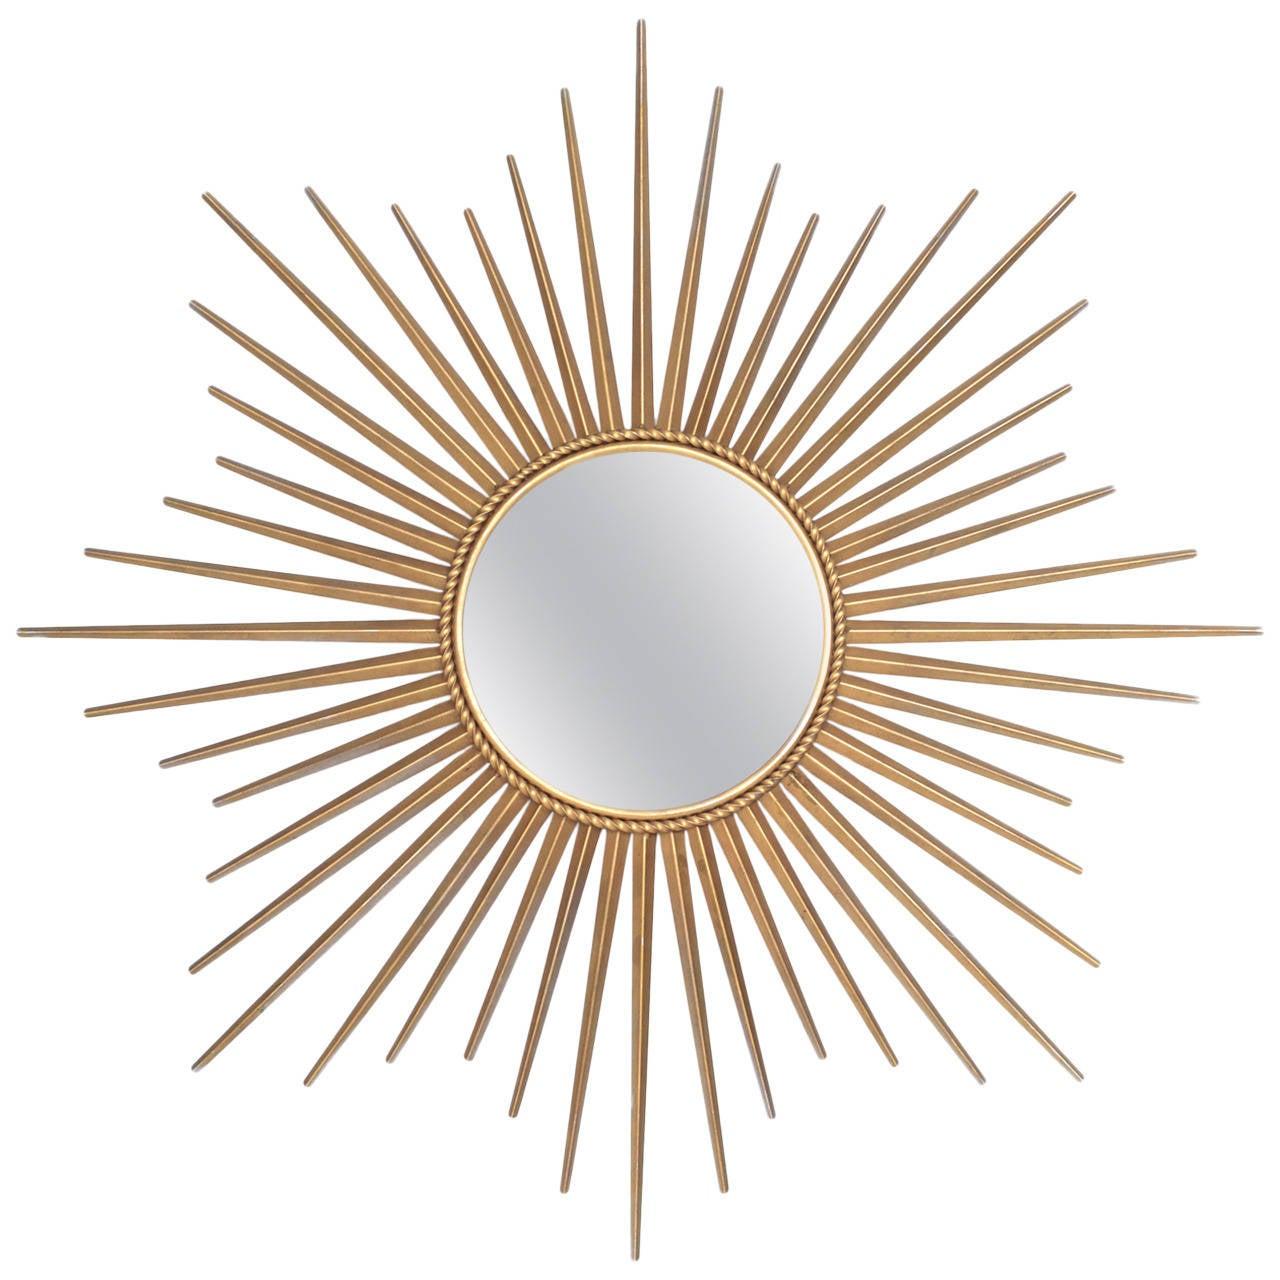 French vintage brass sunburst mirror at 1stdibs for Sunburst mirror